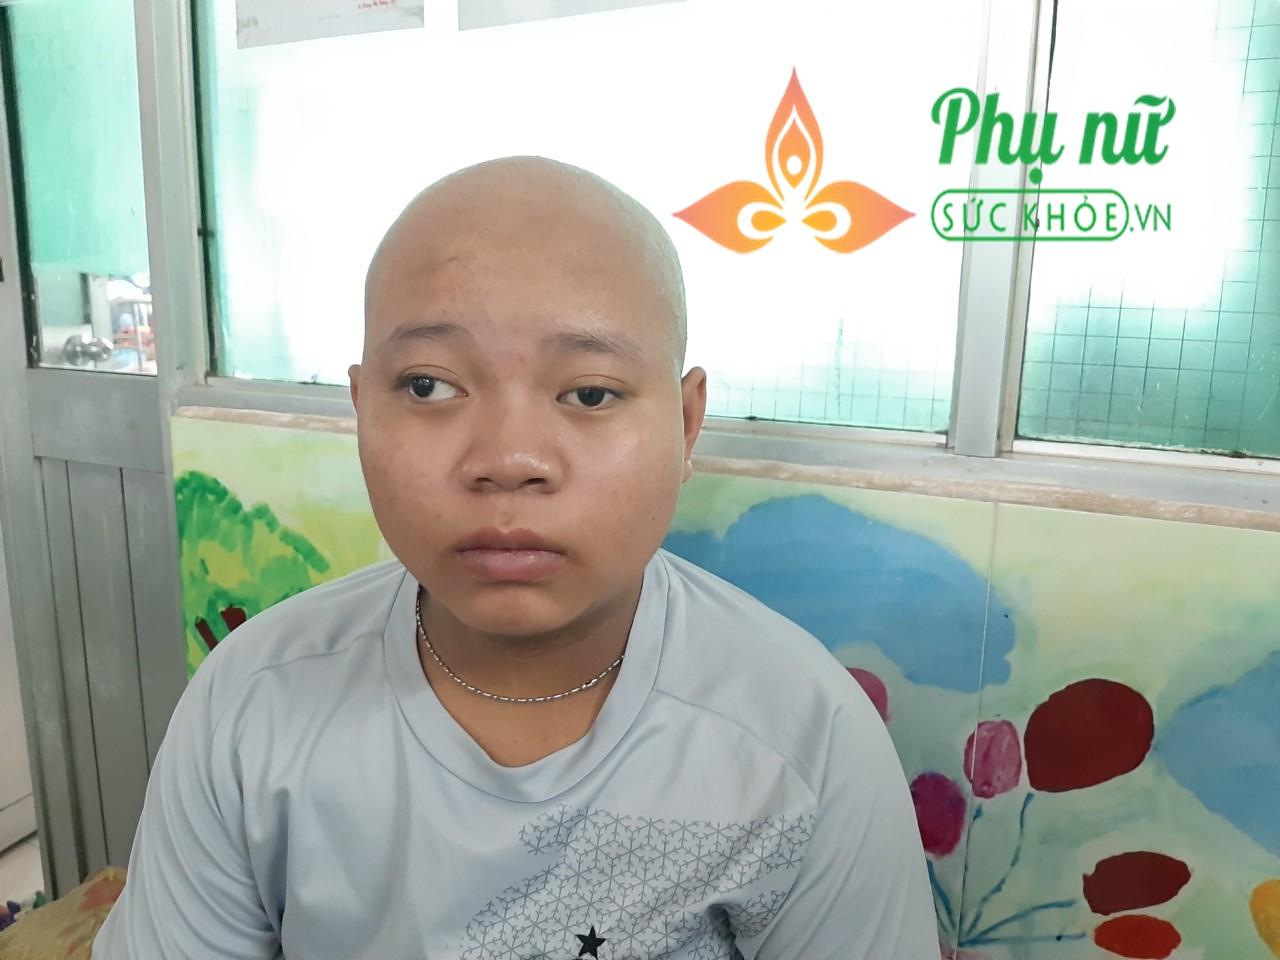 Thương tâm cảnh cậu học trò nghèo bị bệnh u não ác tính, bà nội bị ung thư cổ tử cung, gia cảnh cùng cực, không tiền cứu chữa - Ảnh 1